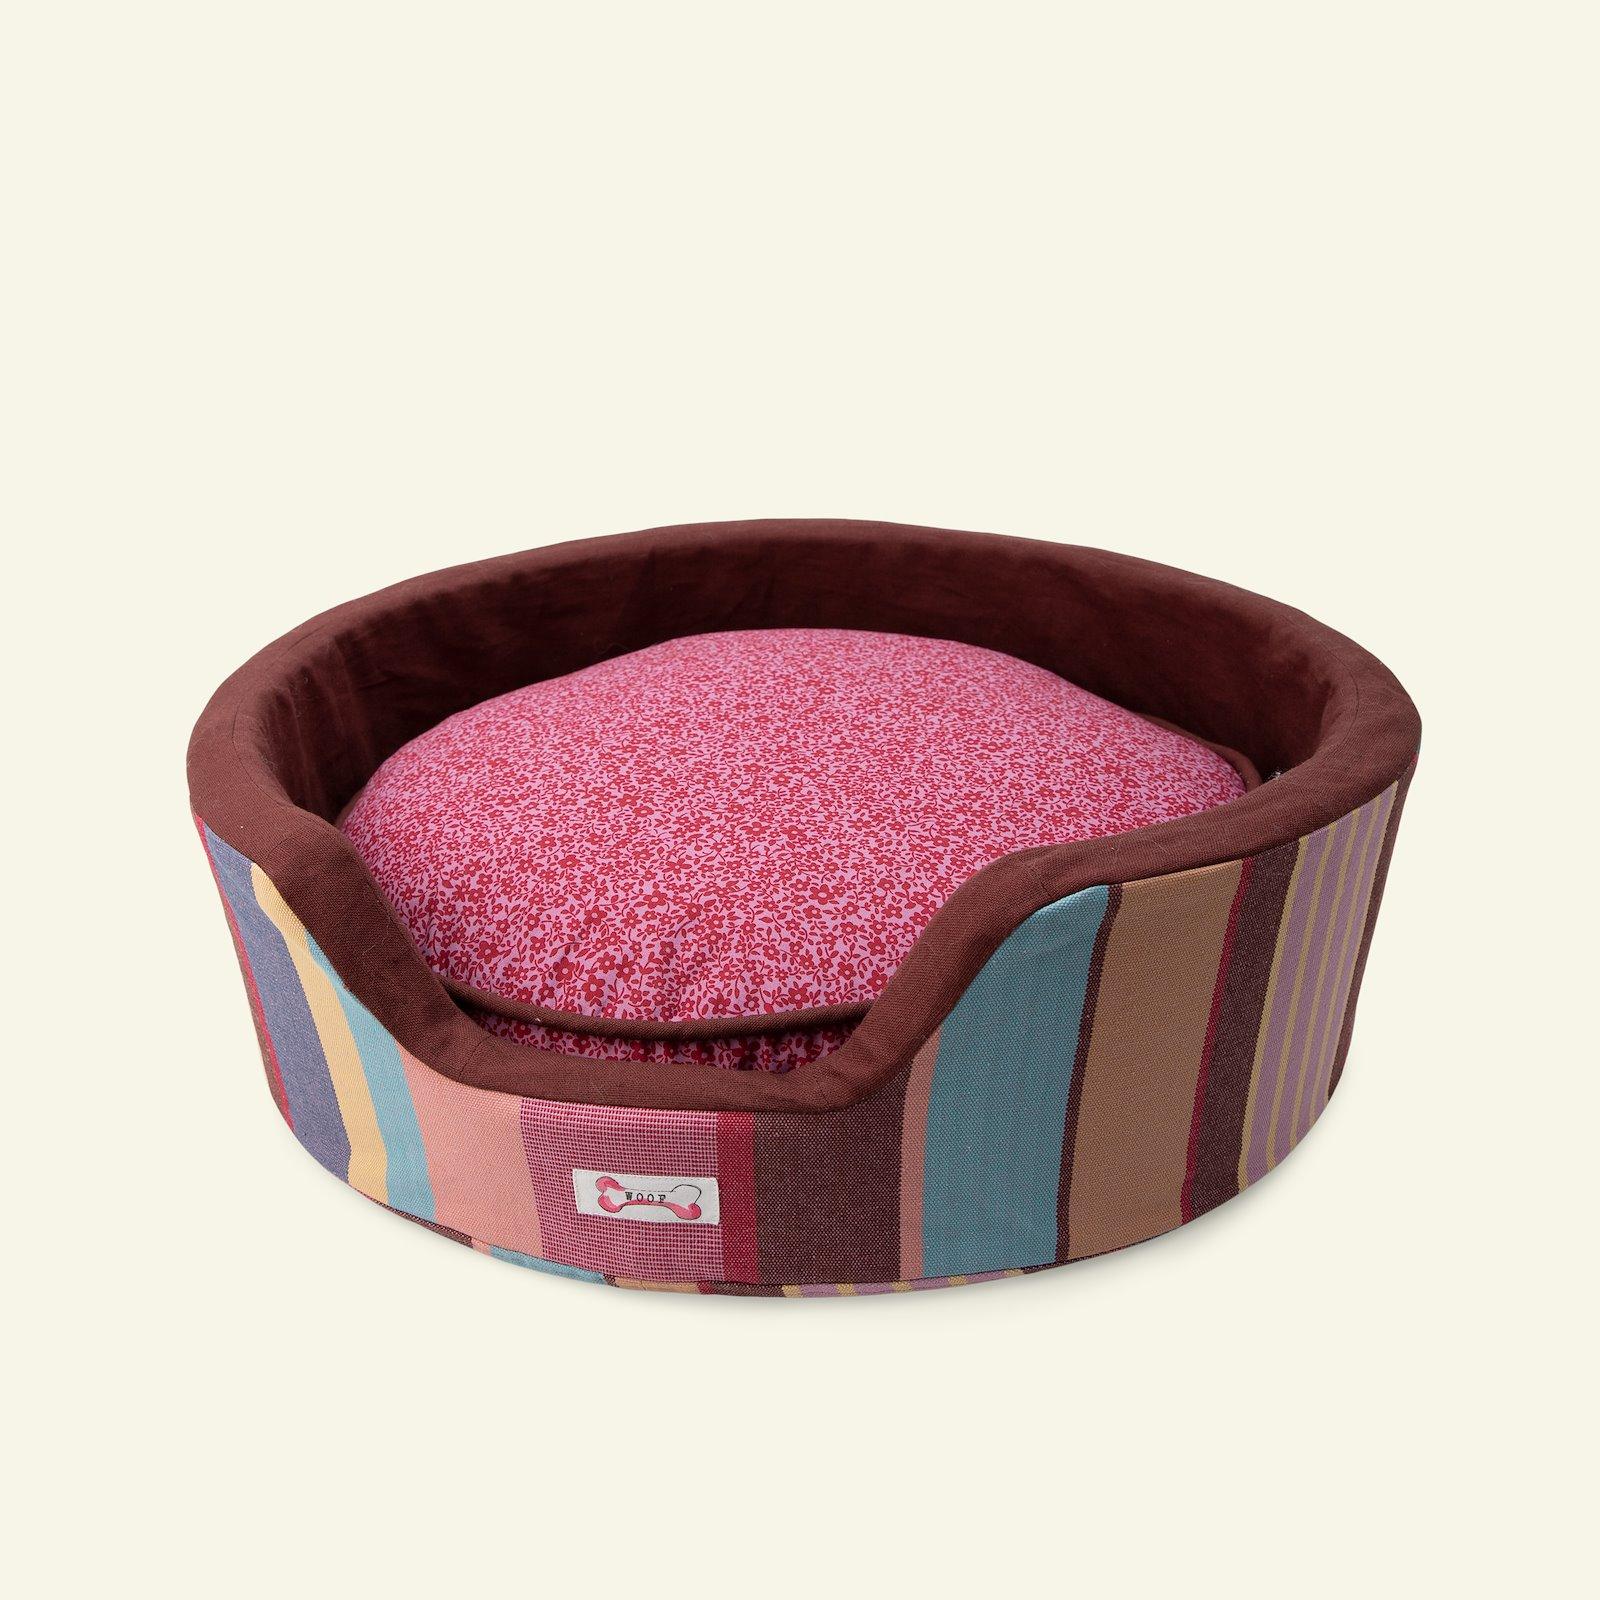 Dog basket p90348_780550_410144_852413_24848_p90346_852414_780540_910_22309_22313_30333_45203_bundle